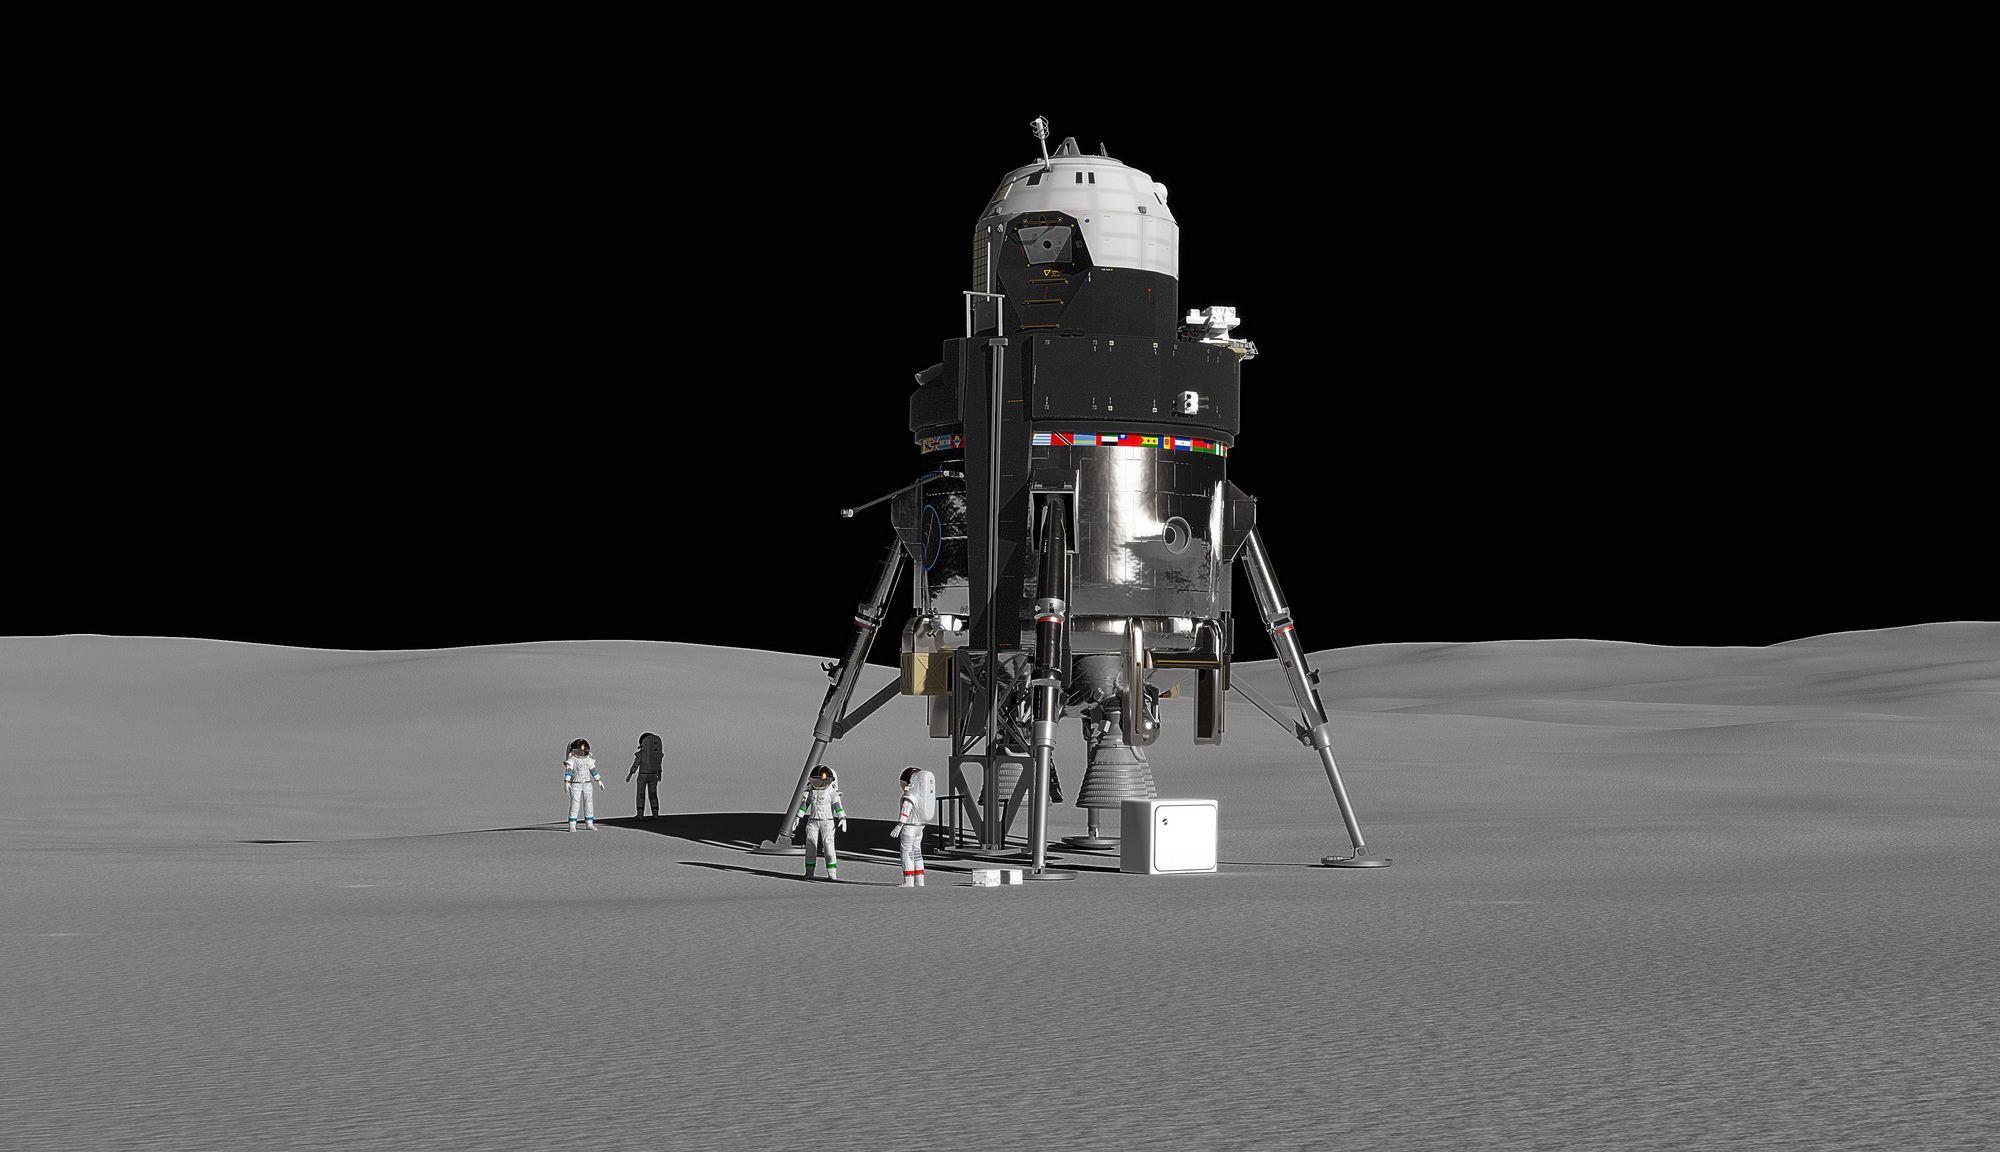 [Перевод] Lockheed Martin раскрывает подробности проекта посадочного лунного модуля